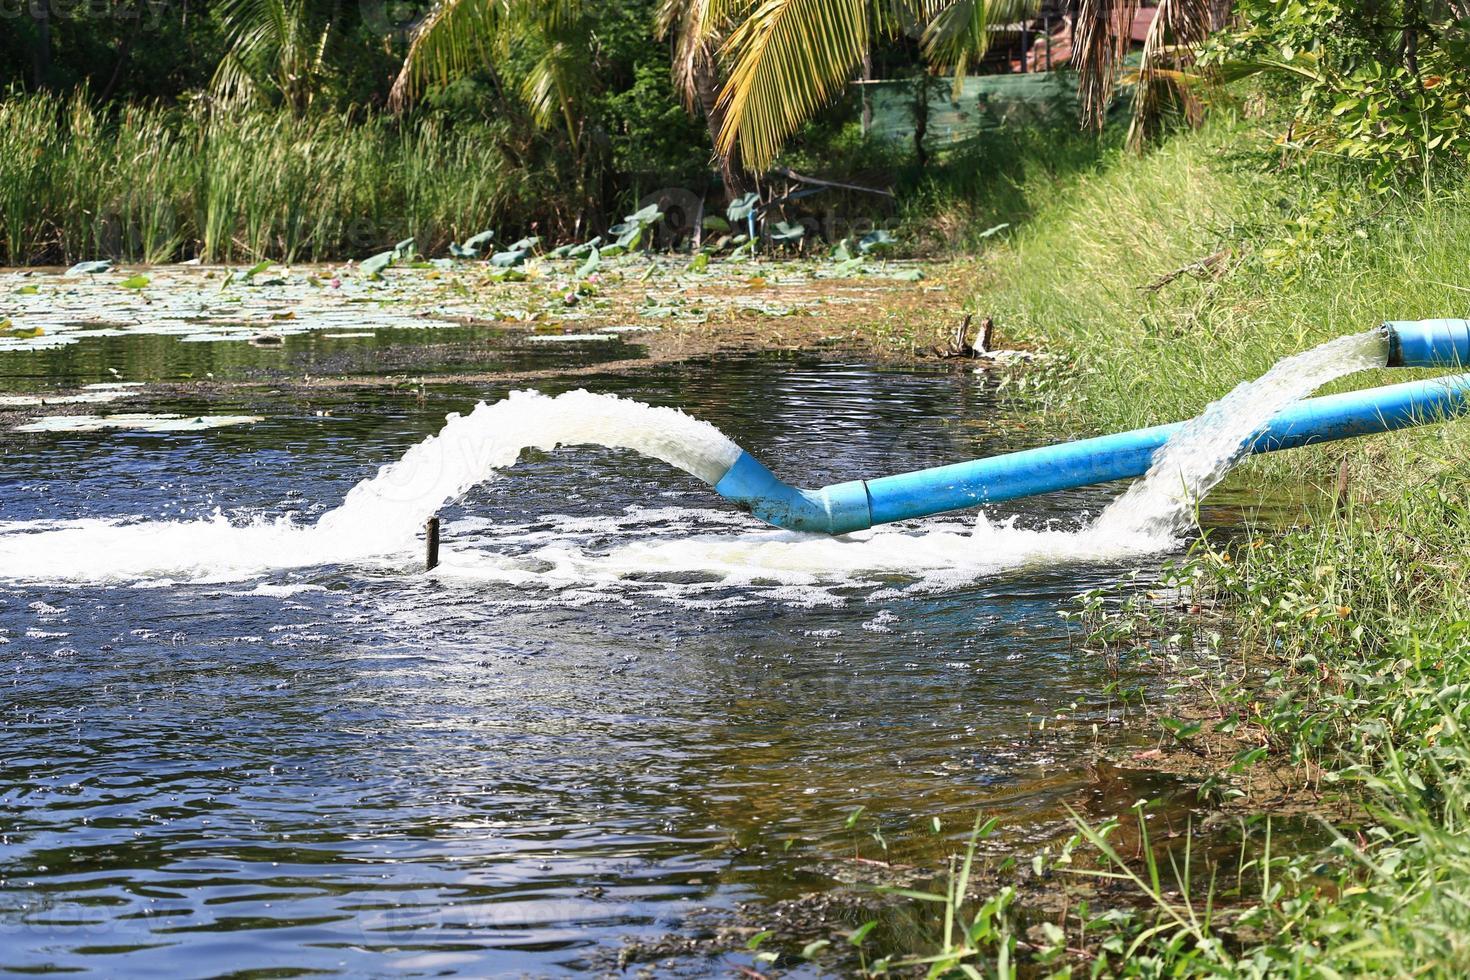 afvalwaterstroom uit waterleiding foto